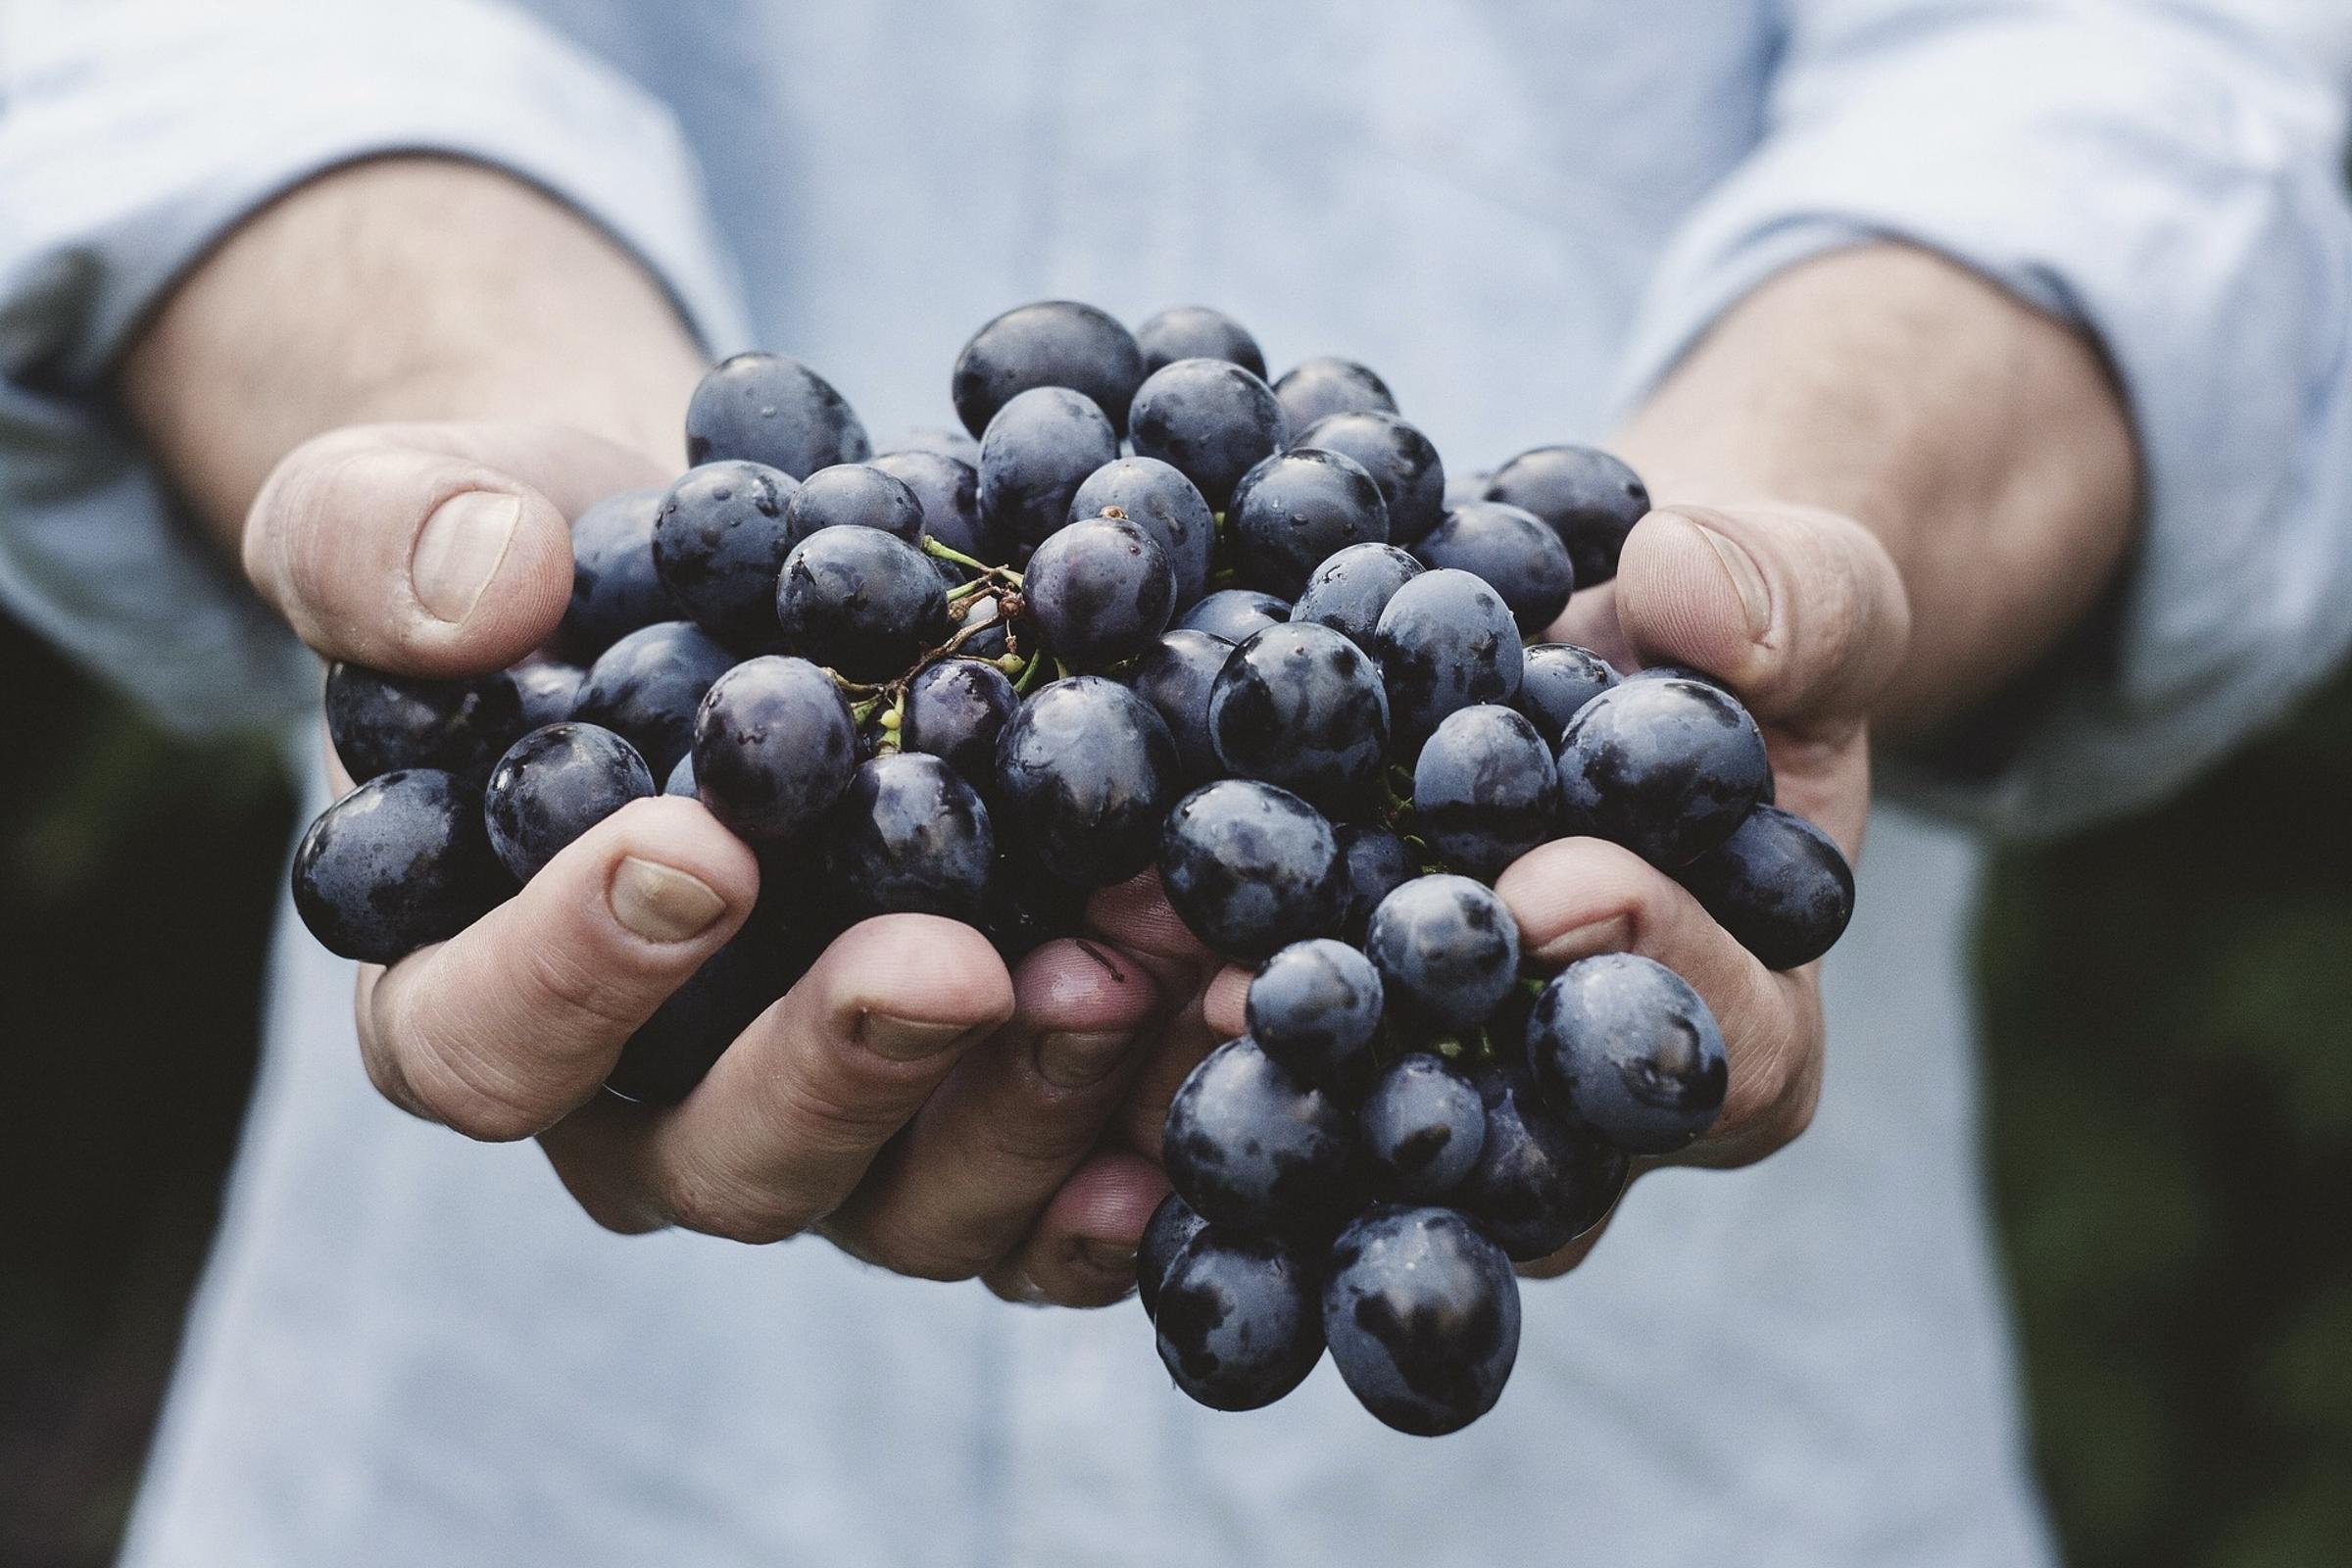 https://a.storyblok.com/f/105614/7680x5120/36a30cdbb0/ward-wines_043.jpg